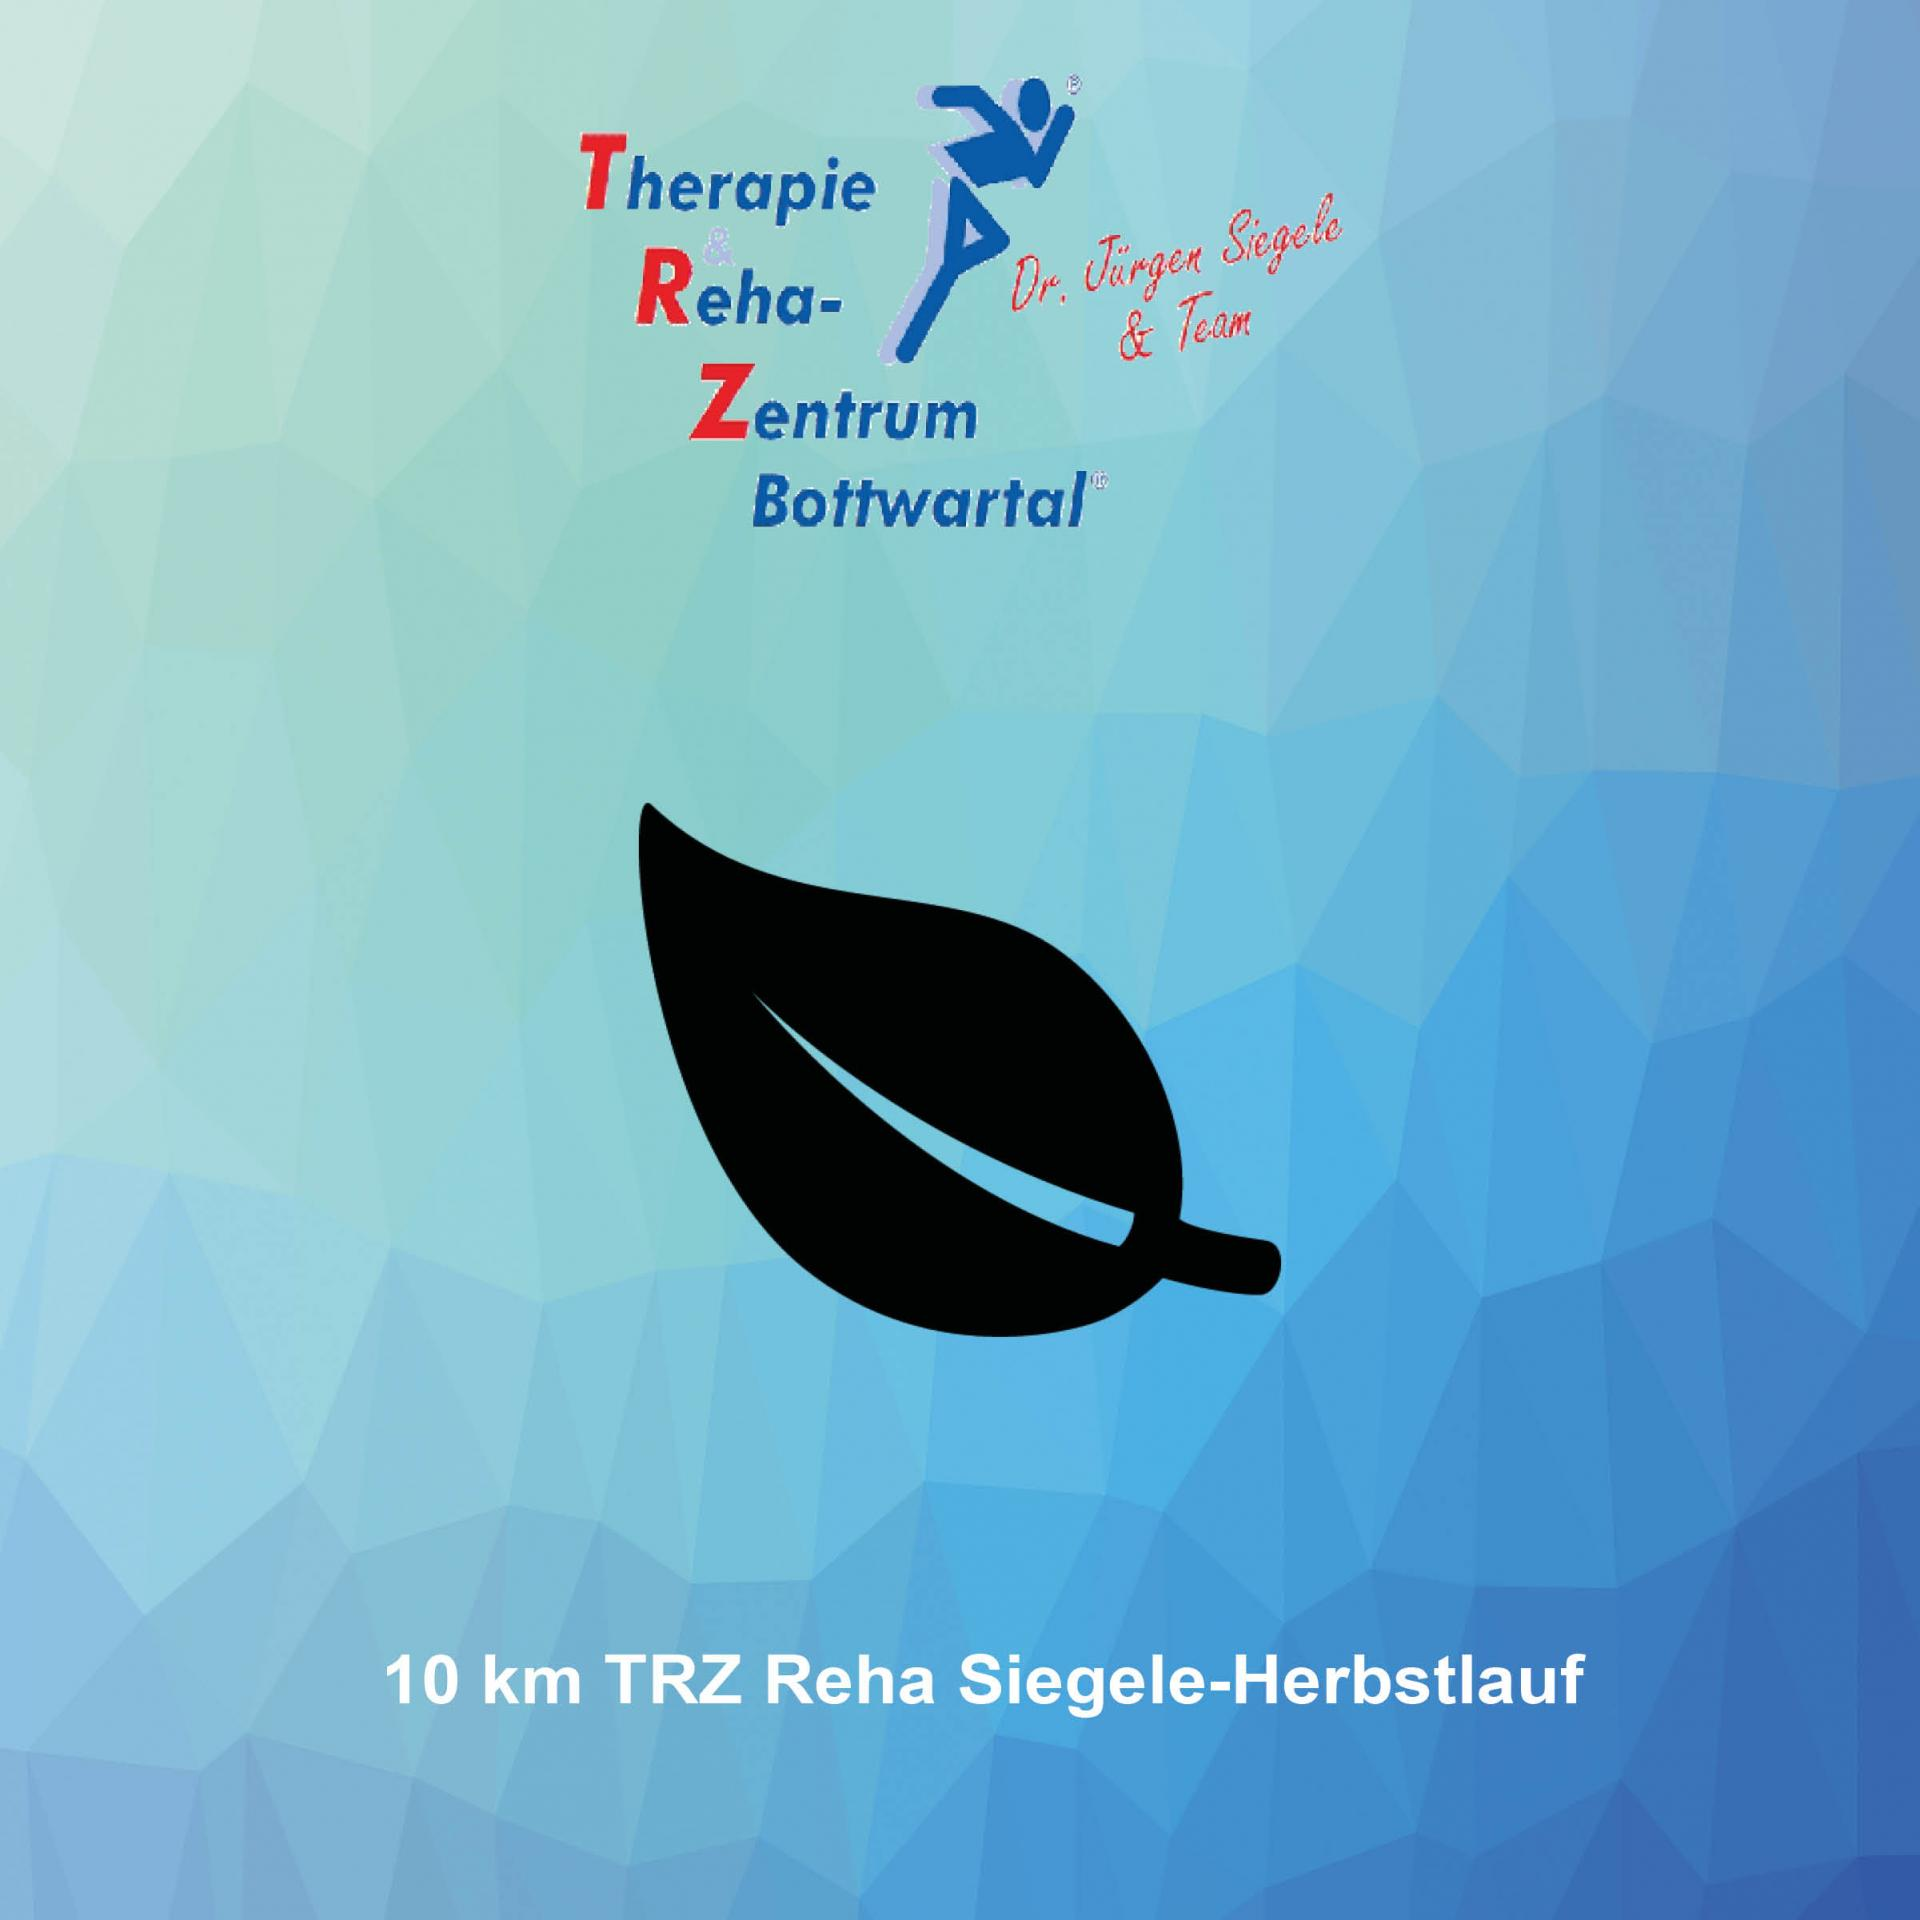 Button Anmeldung TRZ 10 km Herbstlauf